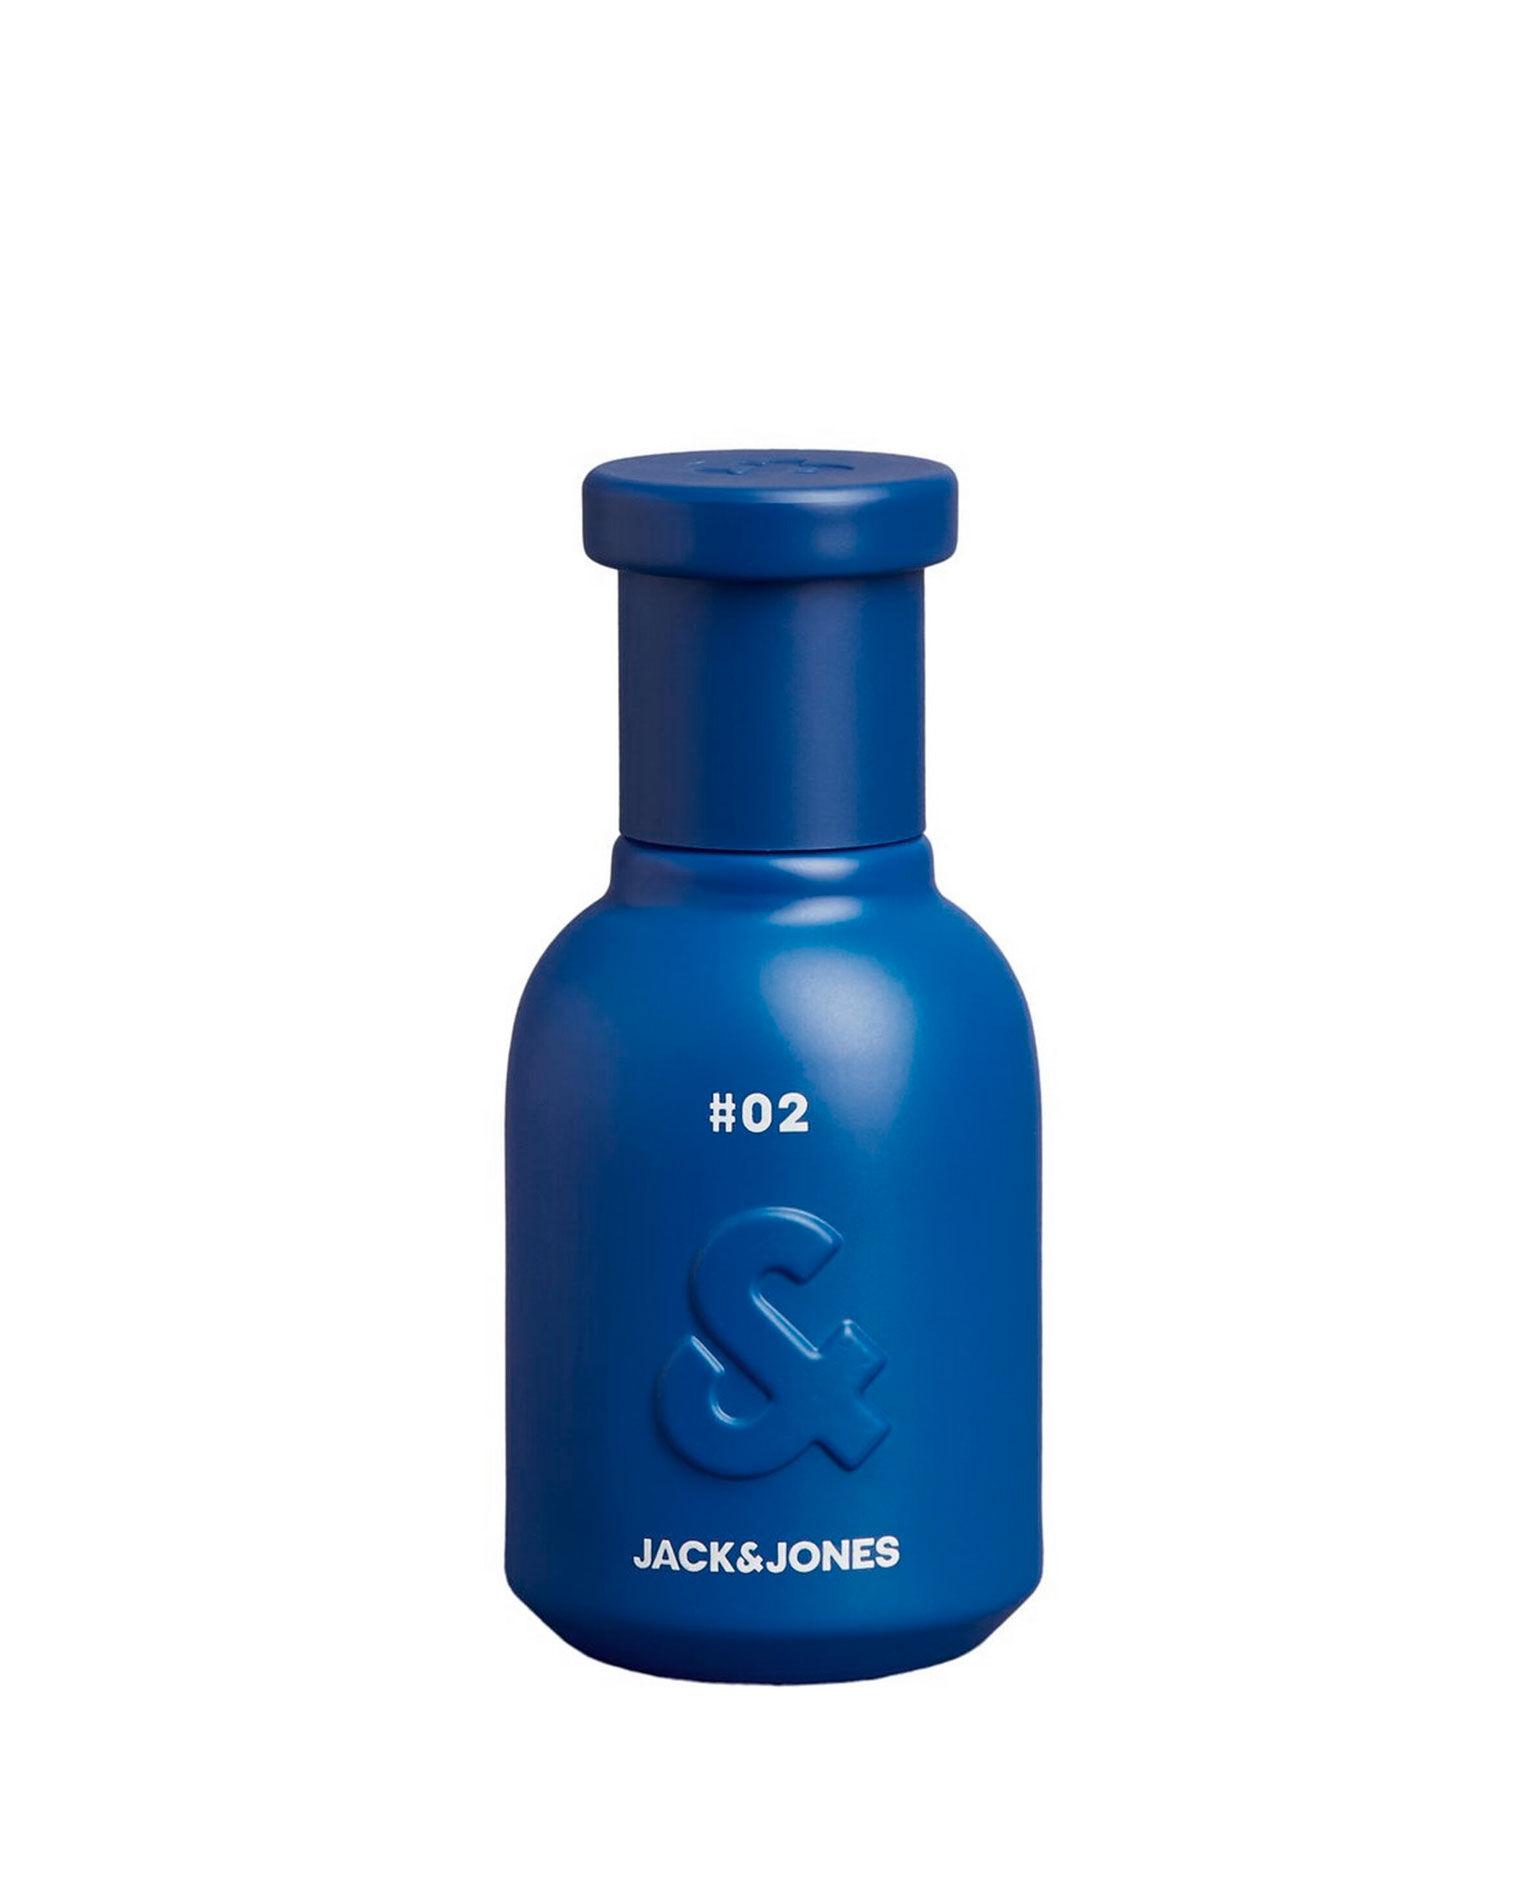 Blue Fragance Jack & Jones